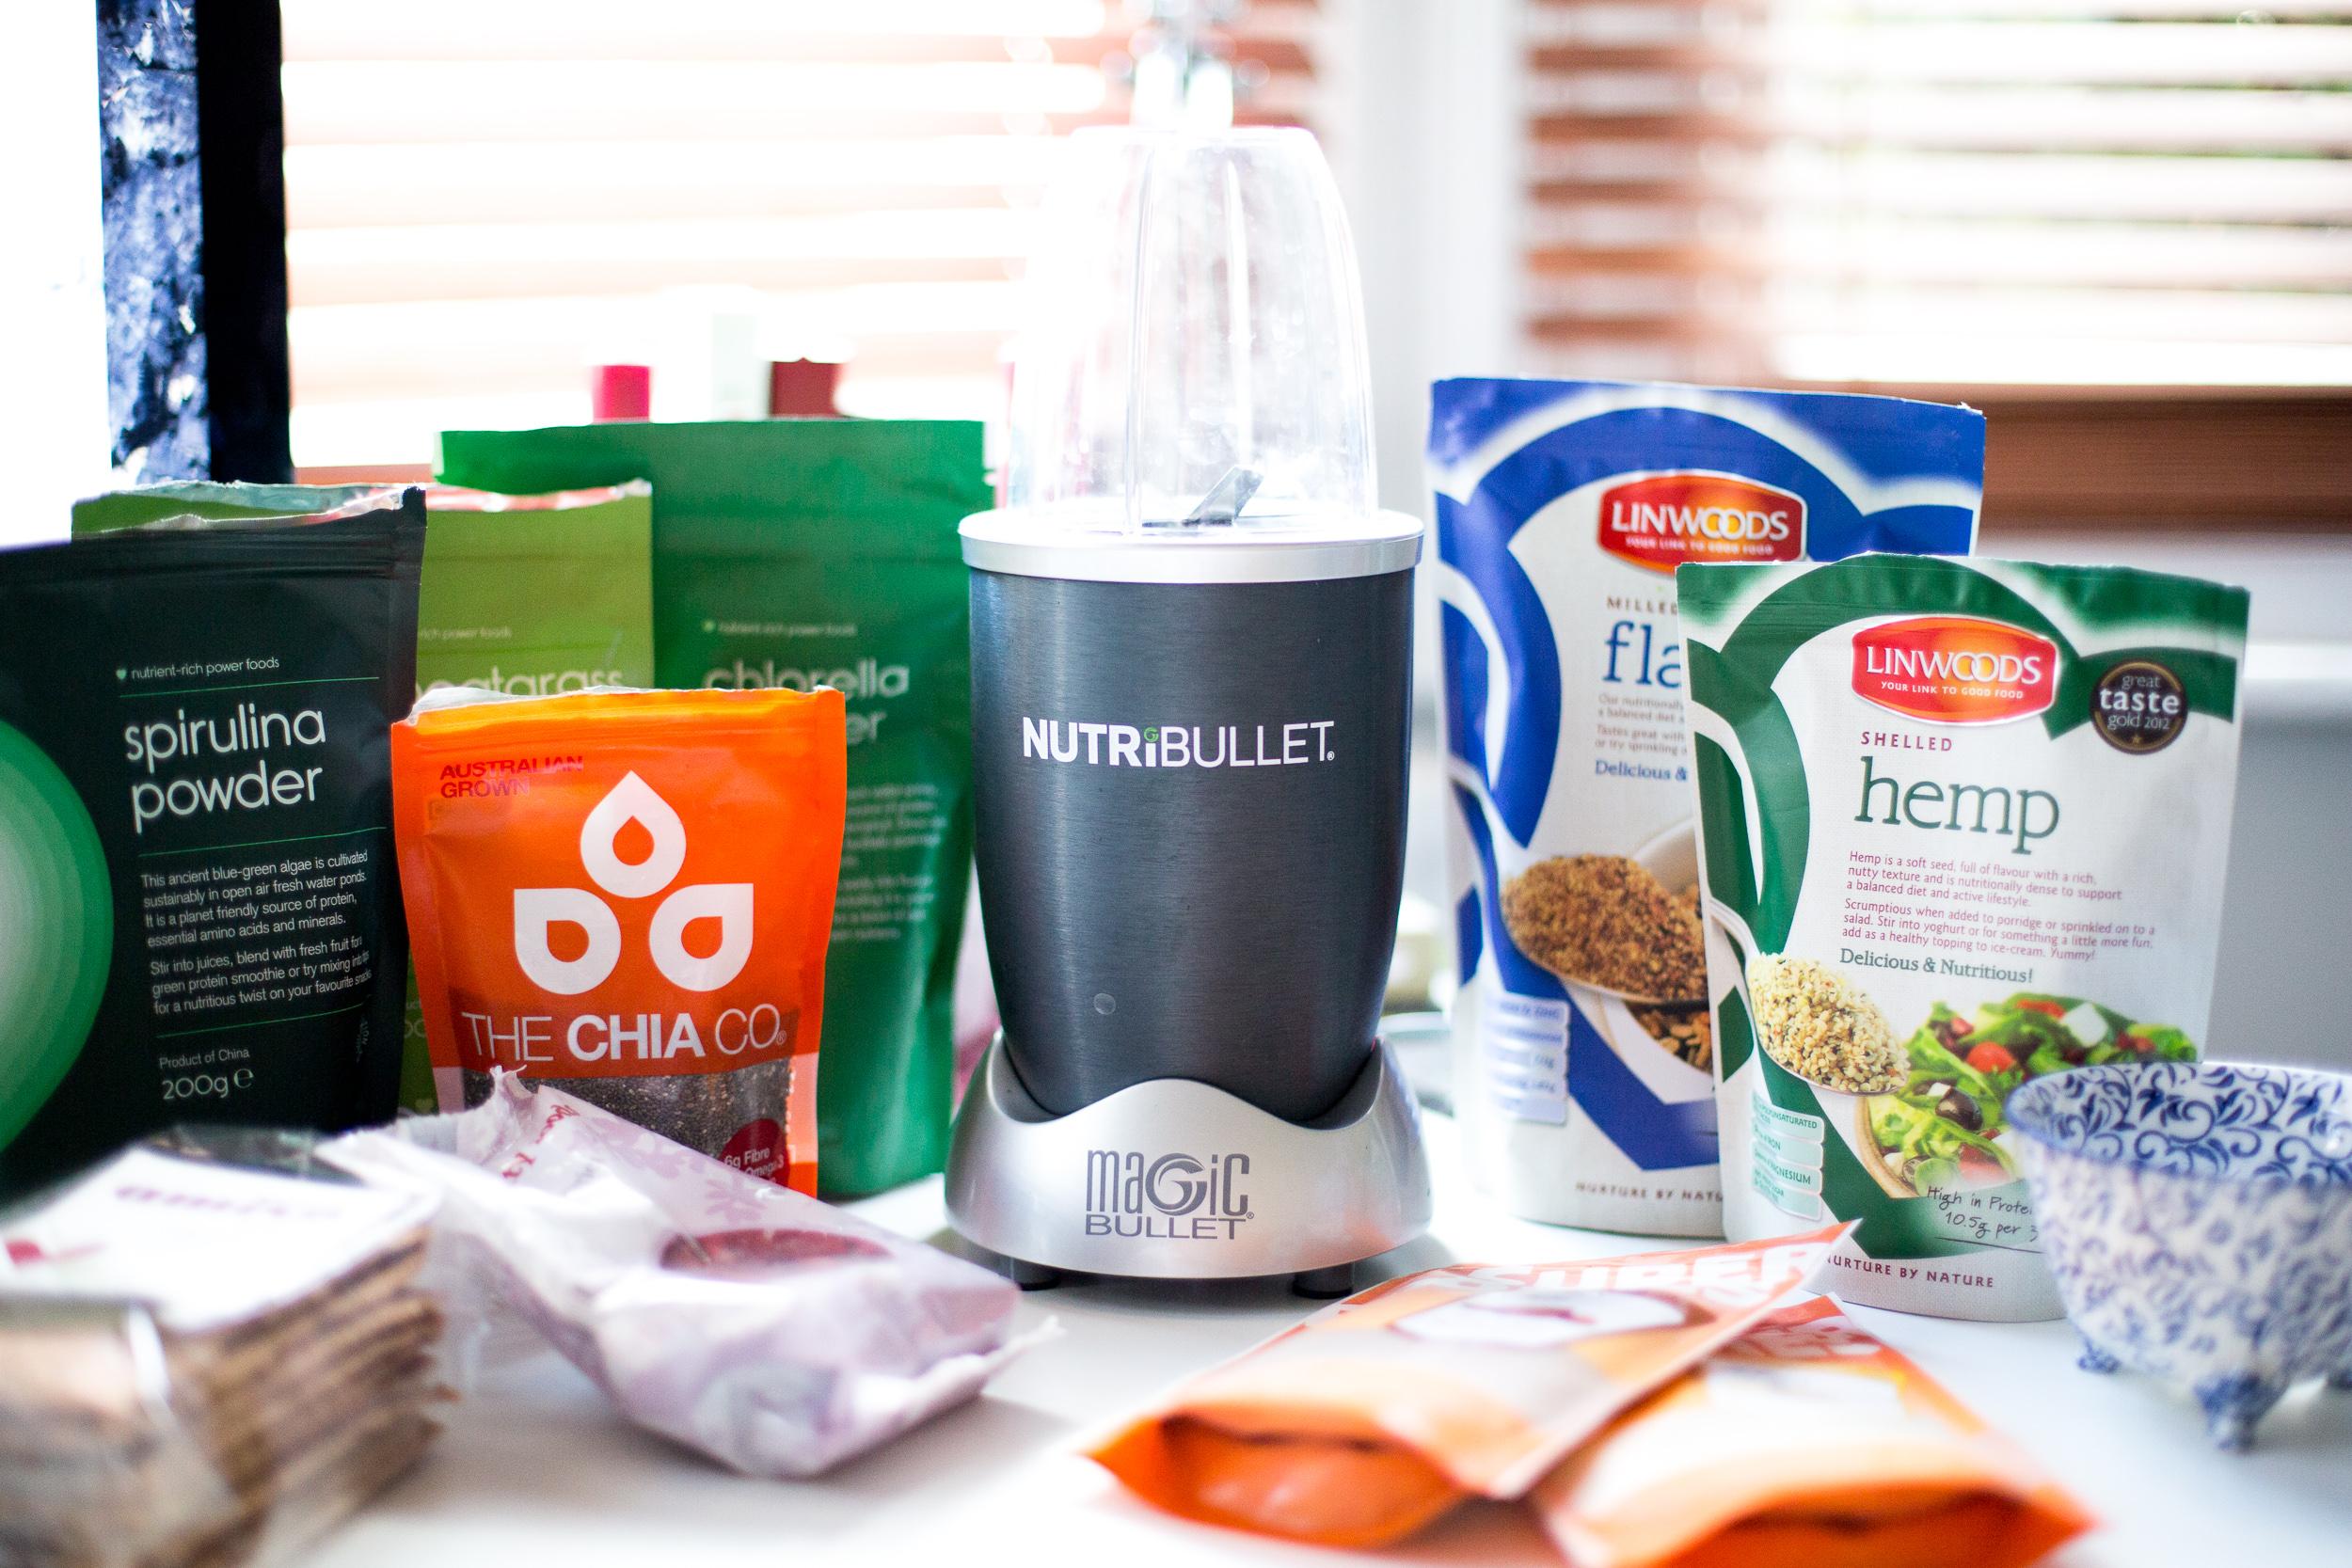 Healthy eating Nutribullet